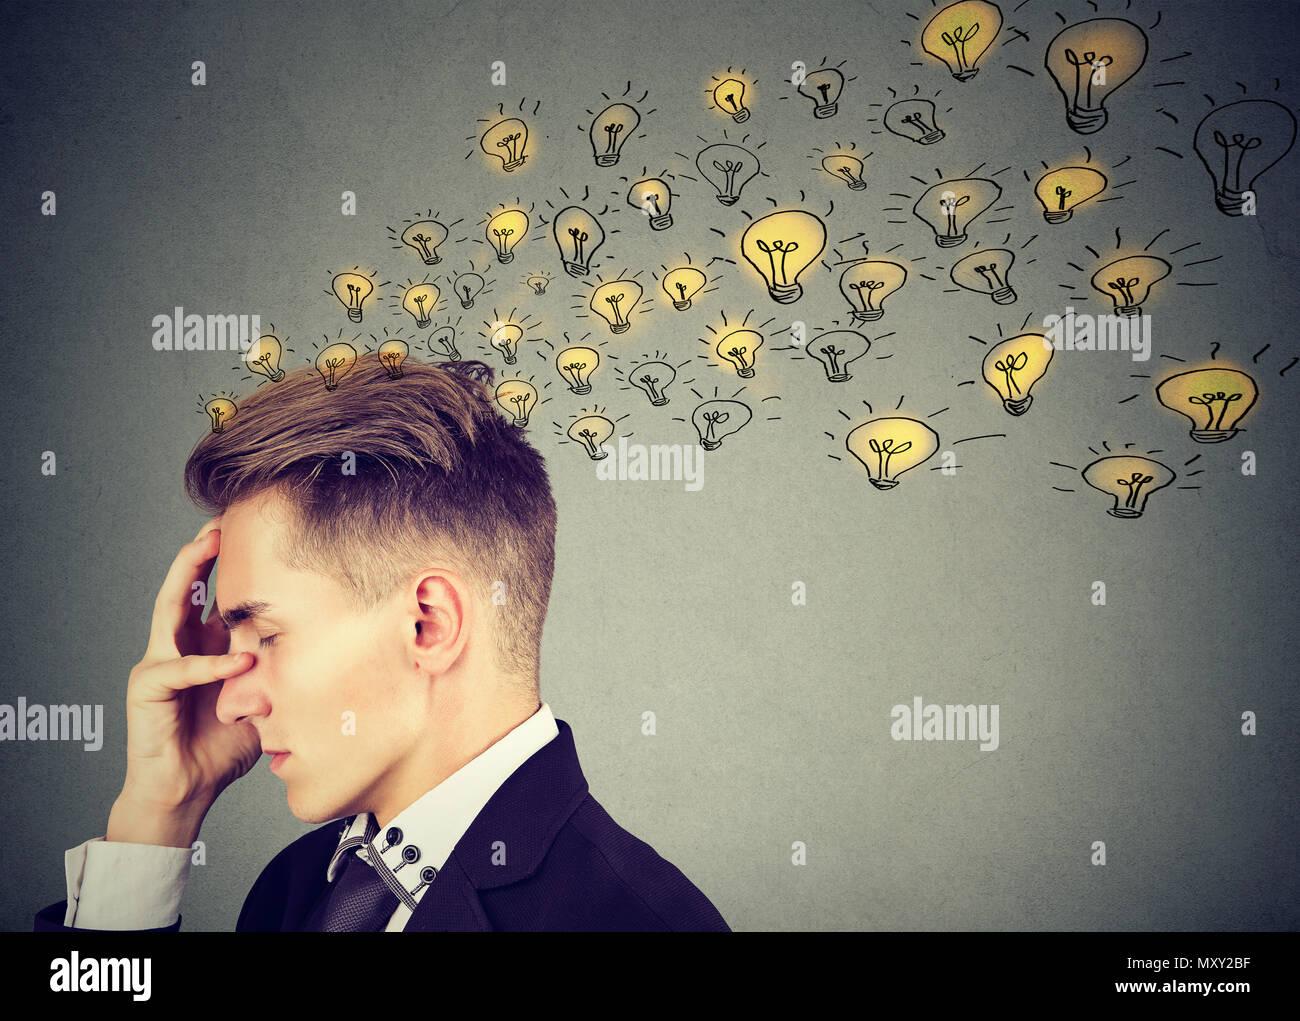 Contemplando hombre sujetando la mano sobre la frente y crear un montón de ideas brillantes sobre fondo gris Imagen De Stock